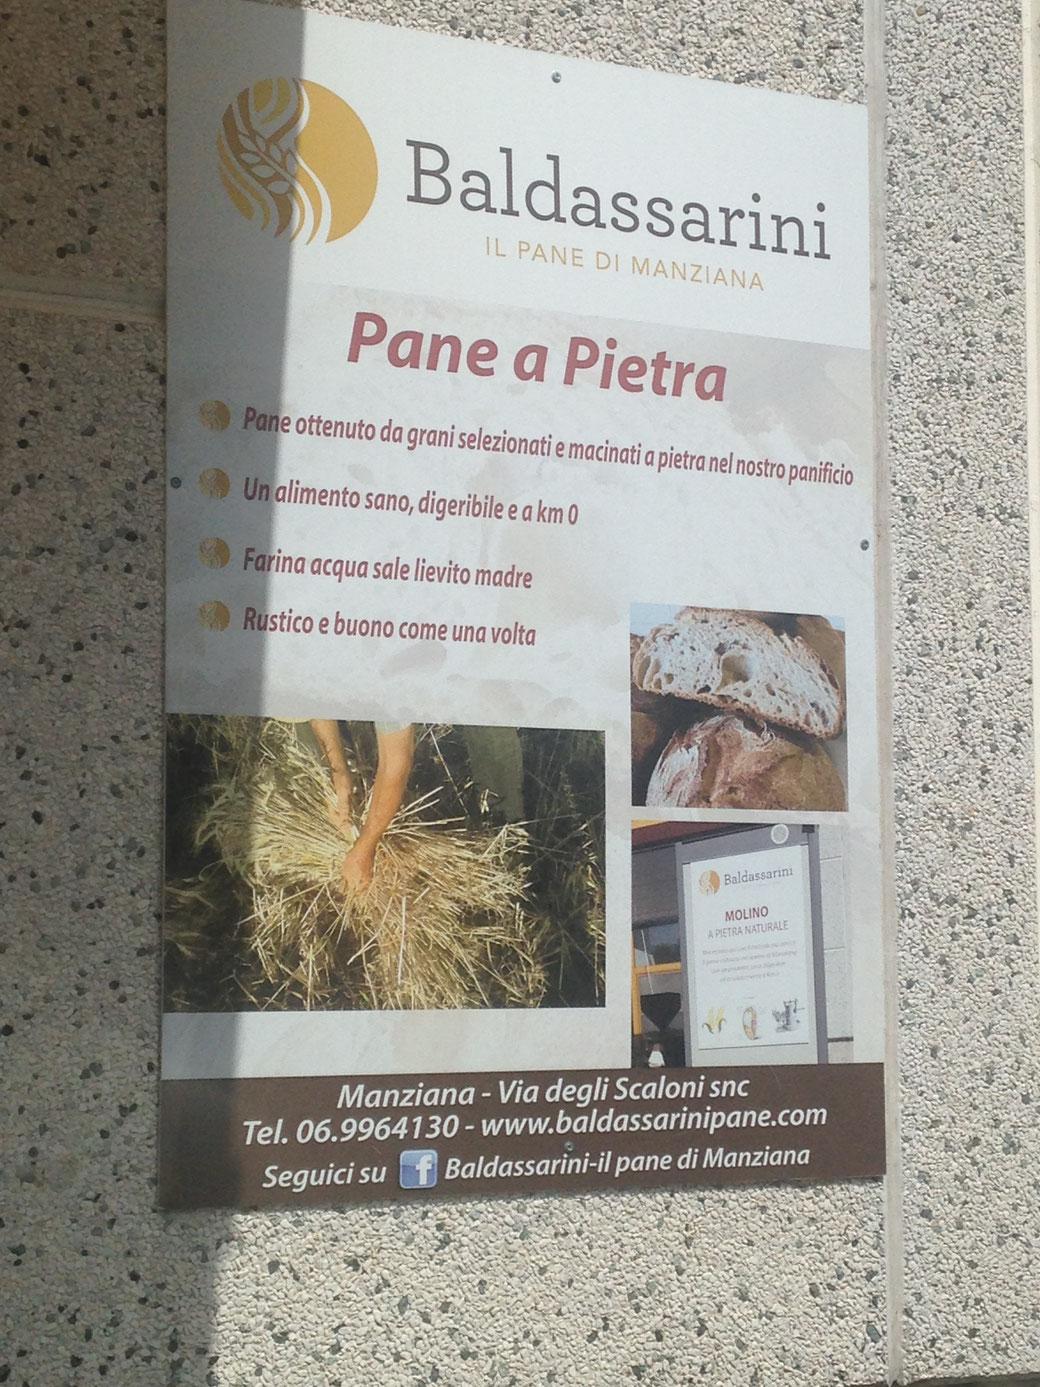 Sie duftet herrlich und ist richtig kross - die Pizza Bianca von Baldassarini